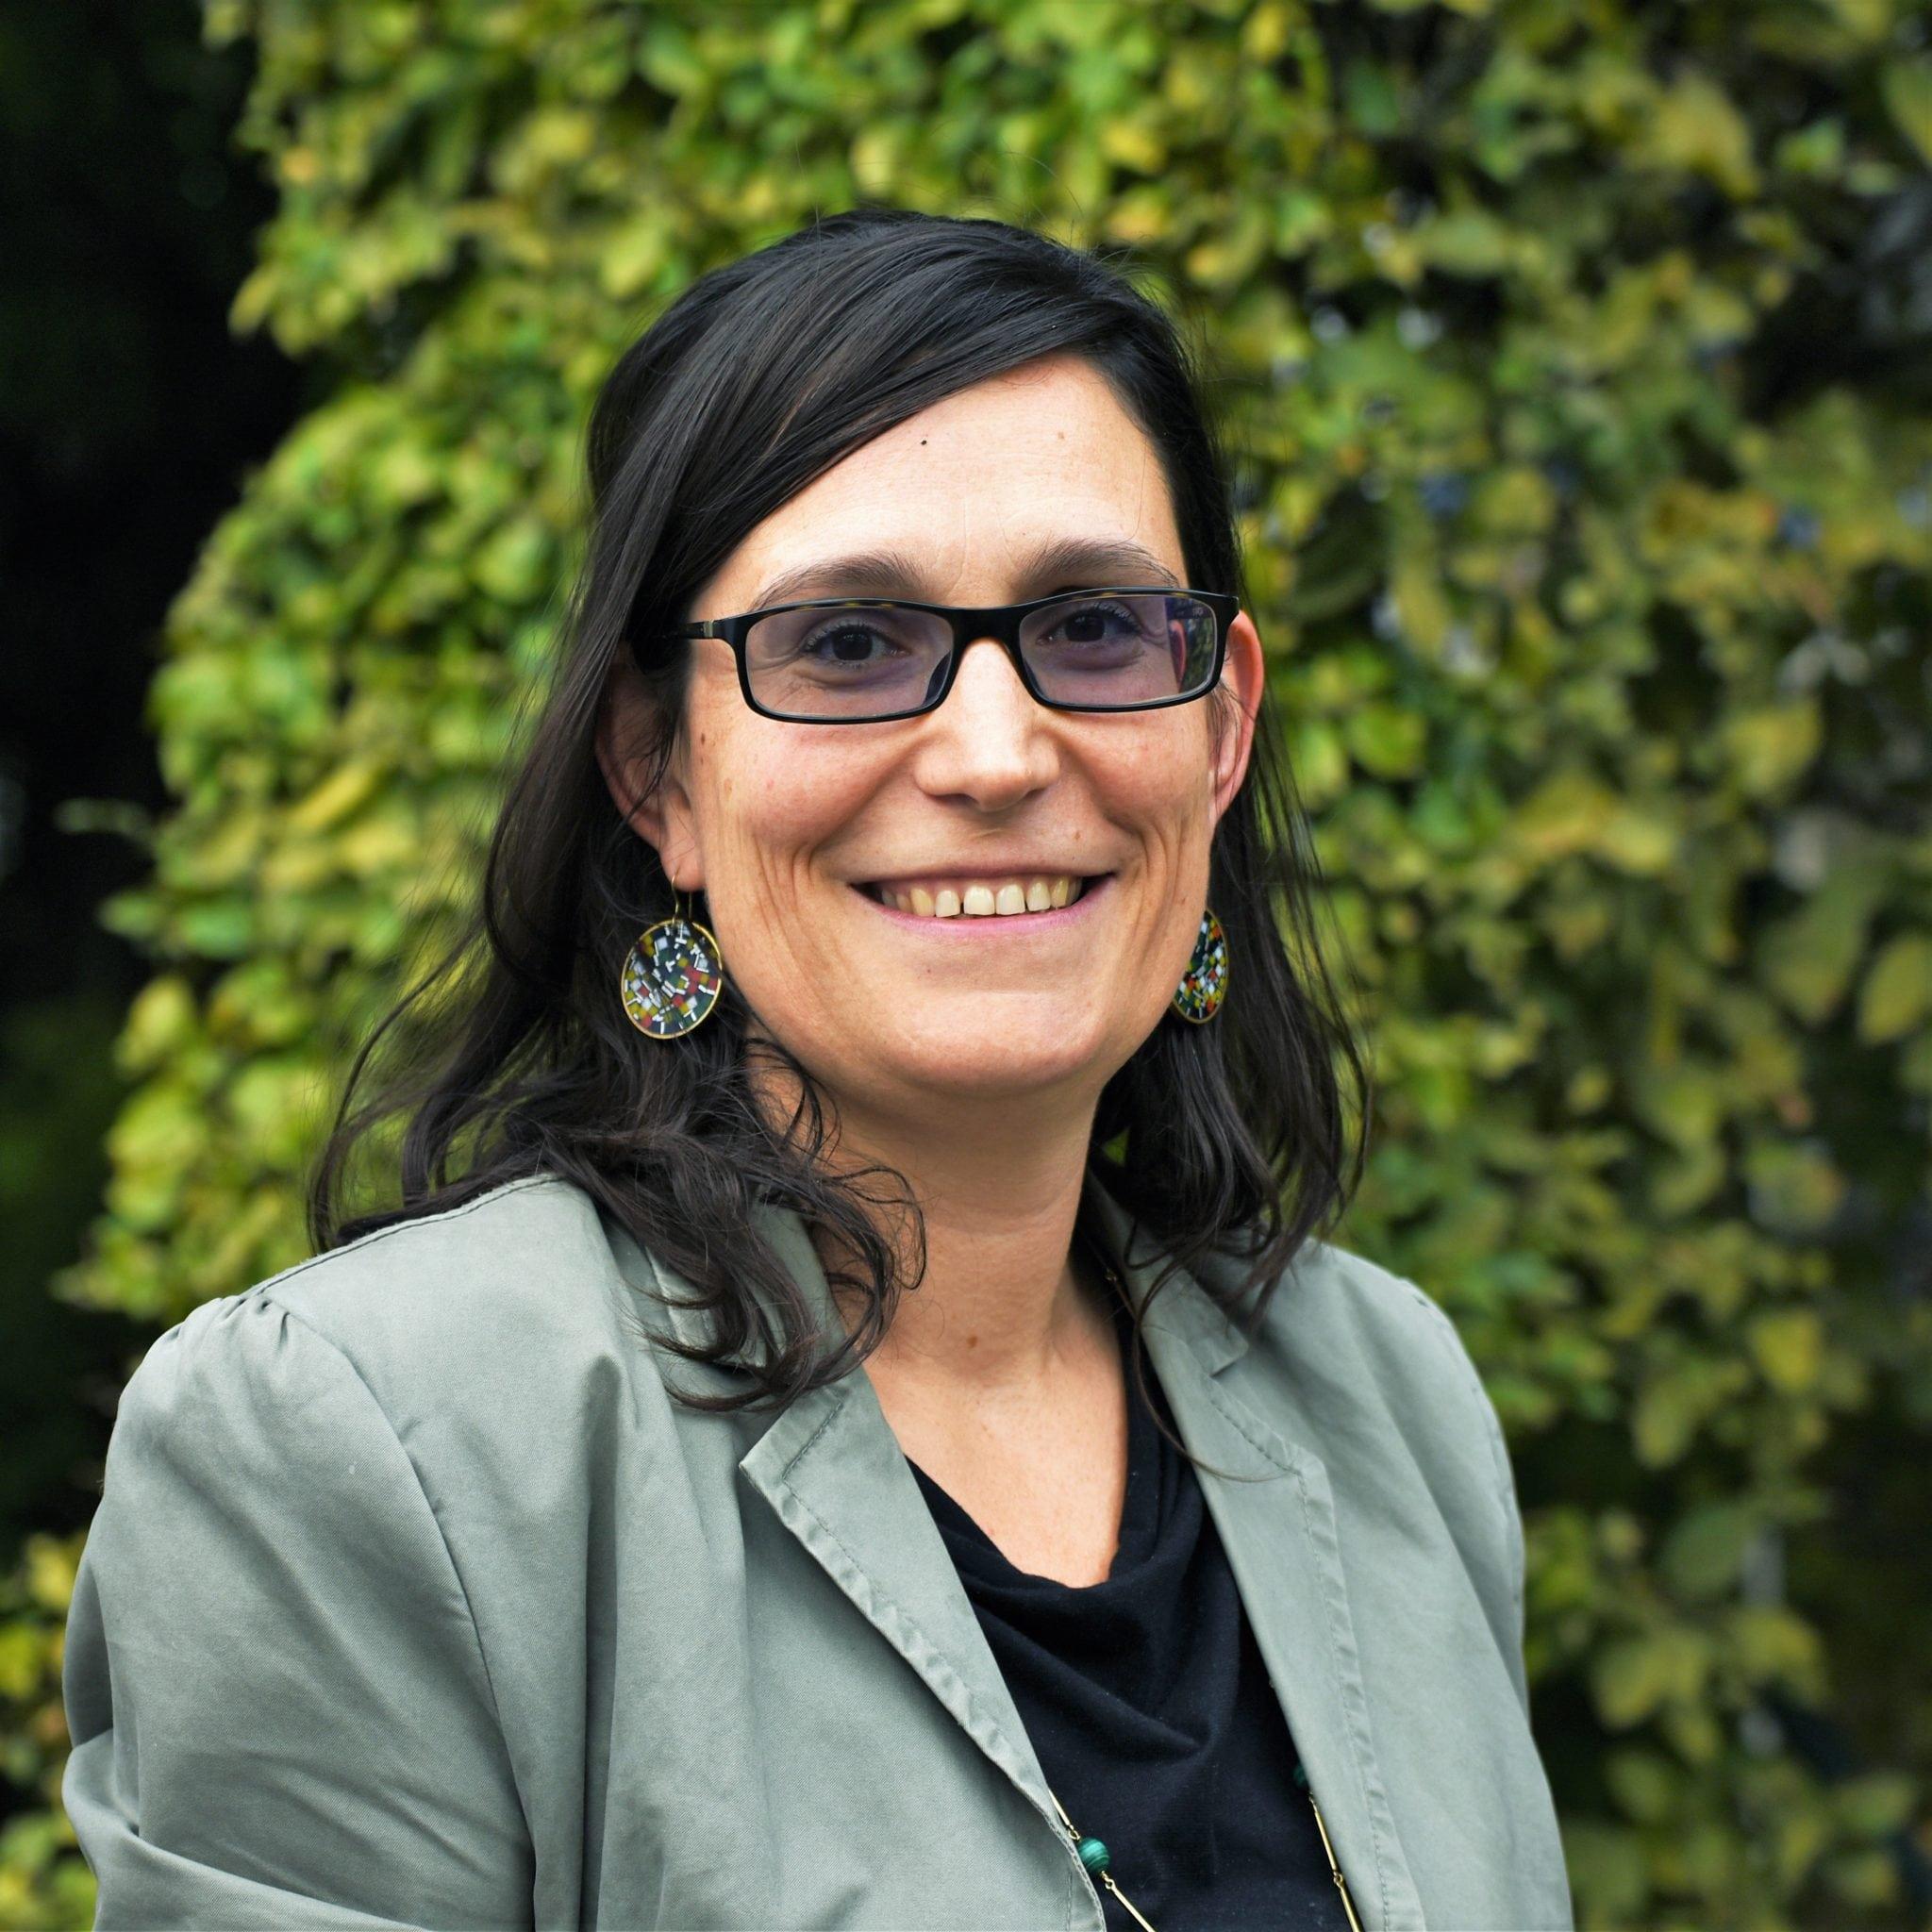 Elodie Cornez